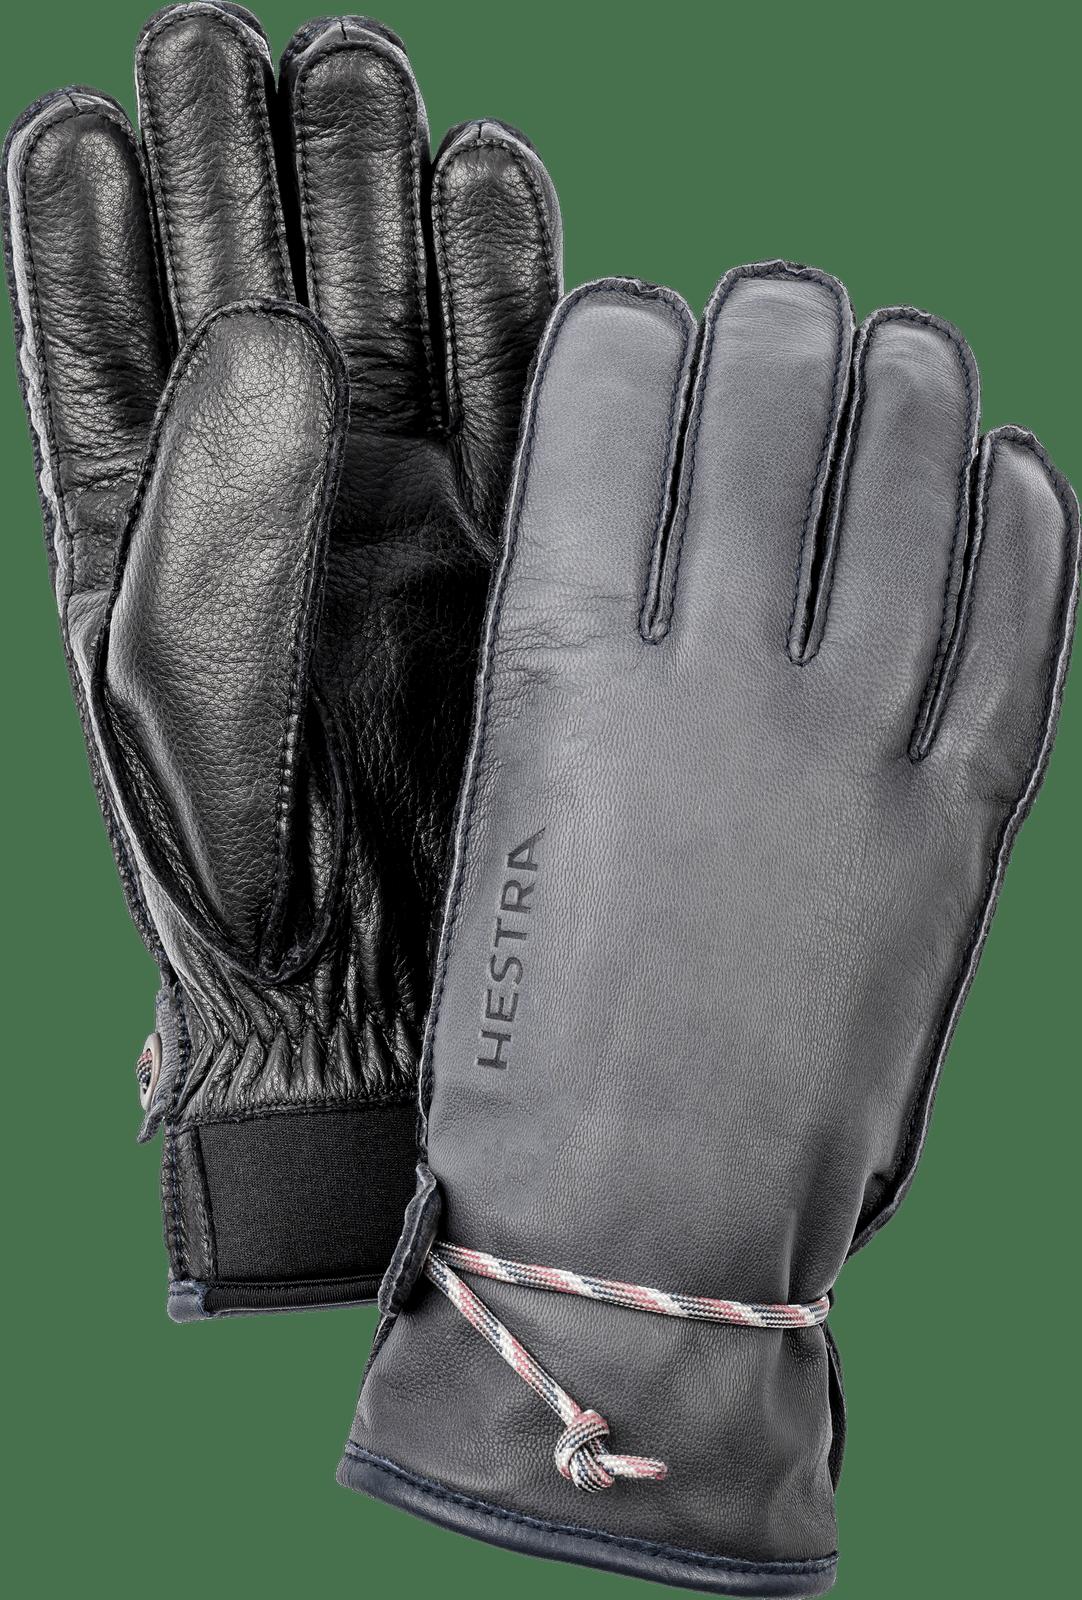 Hestra Wakayama Unisex Gloves, Grey and Black (30720-350100)